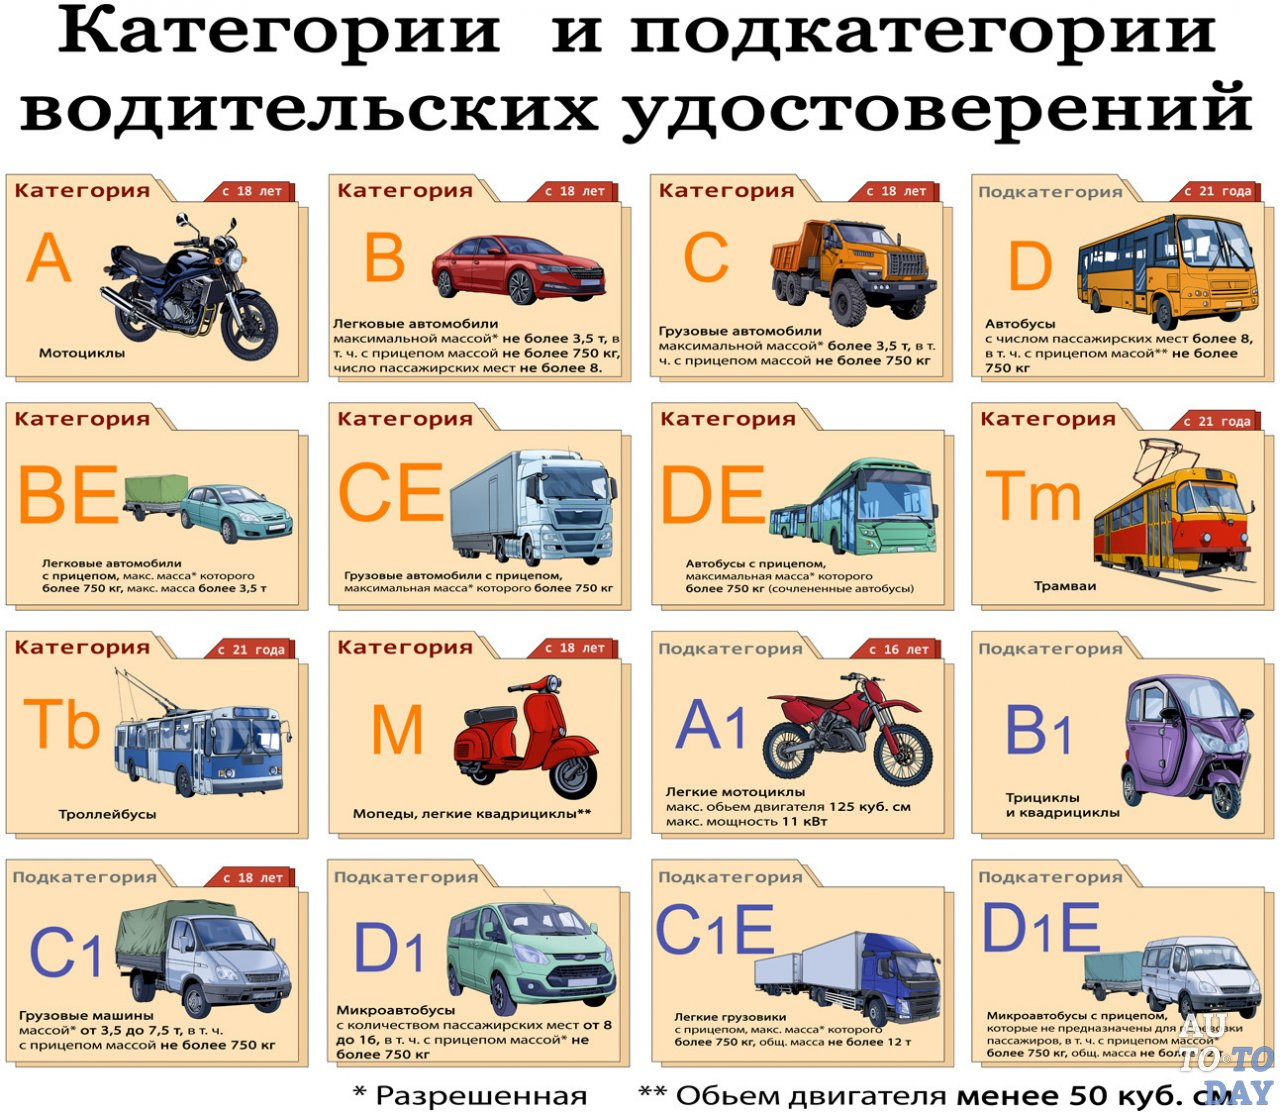 Категория в1 водительских прав: что это, расшифровка и какие машины можно водить